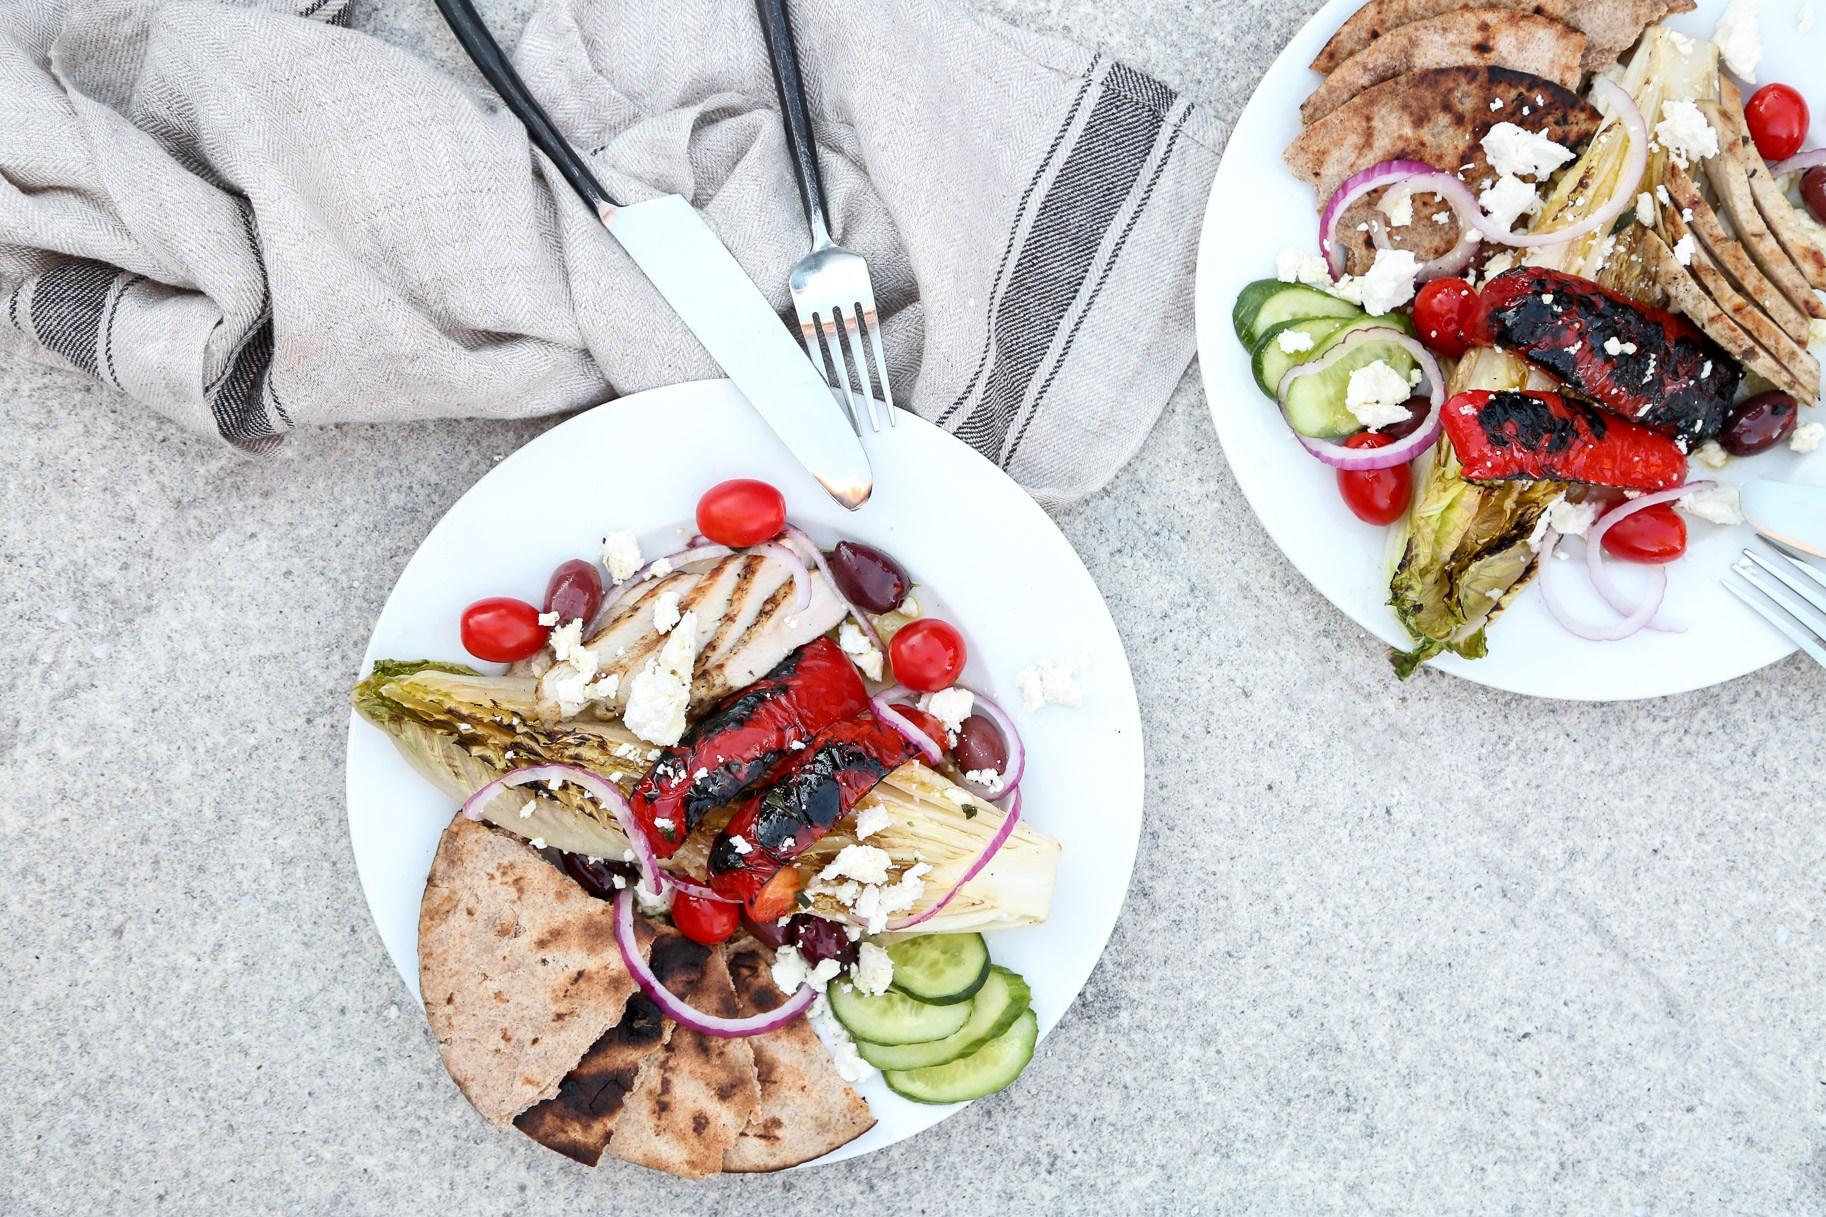 GRILLED GREEK SALADS - serves 4